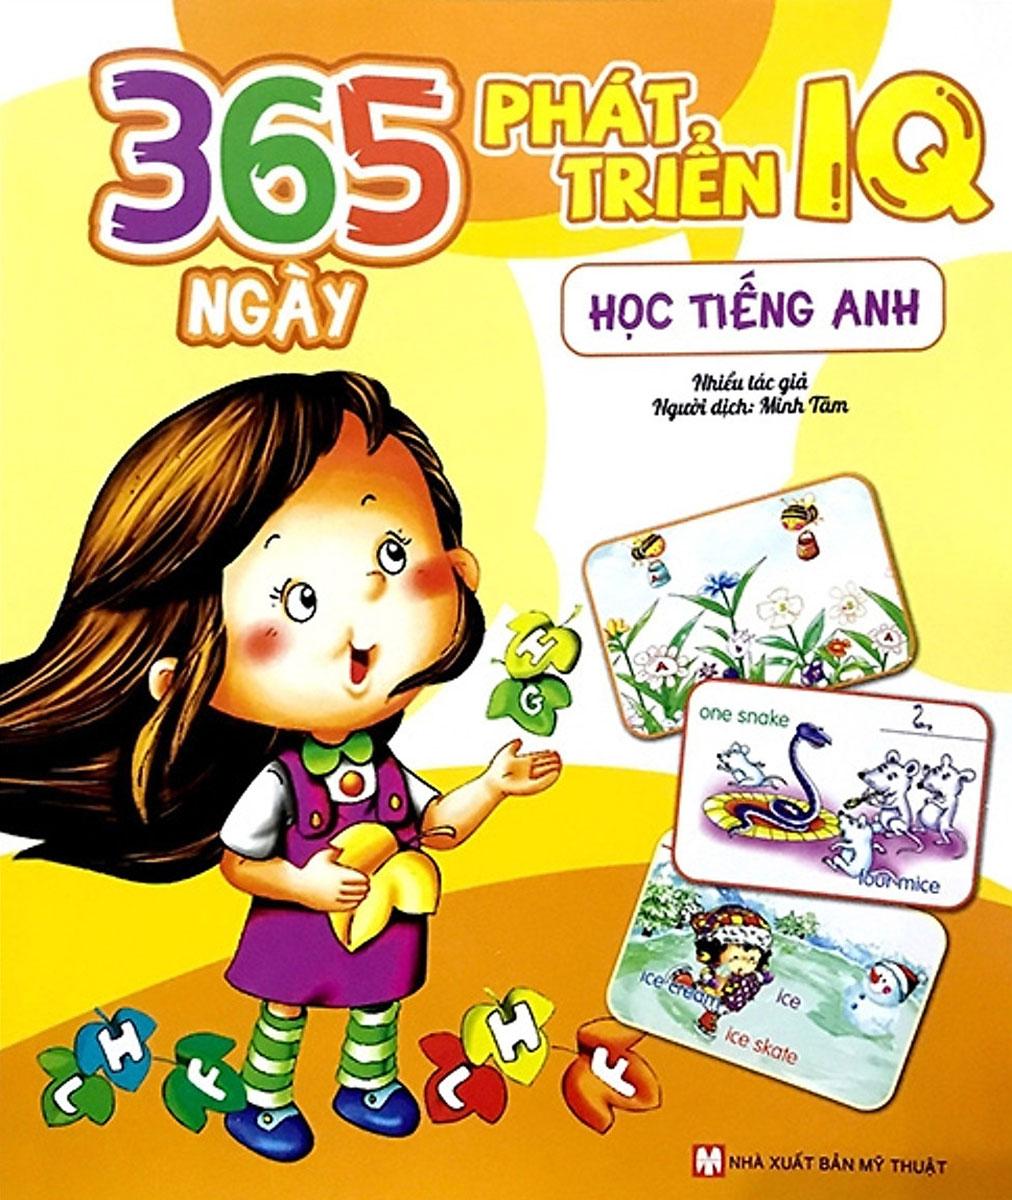 365 Ngày Phát Triển IQ - Học Tiếng Anh